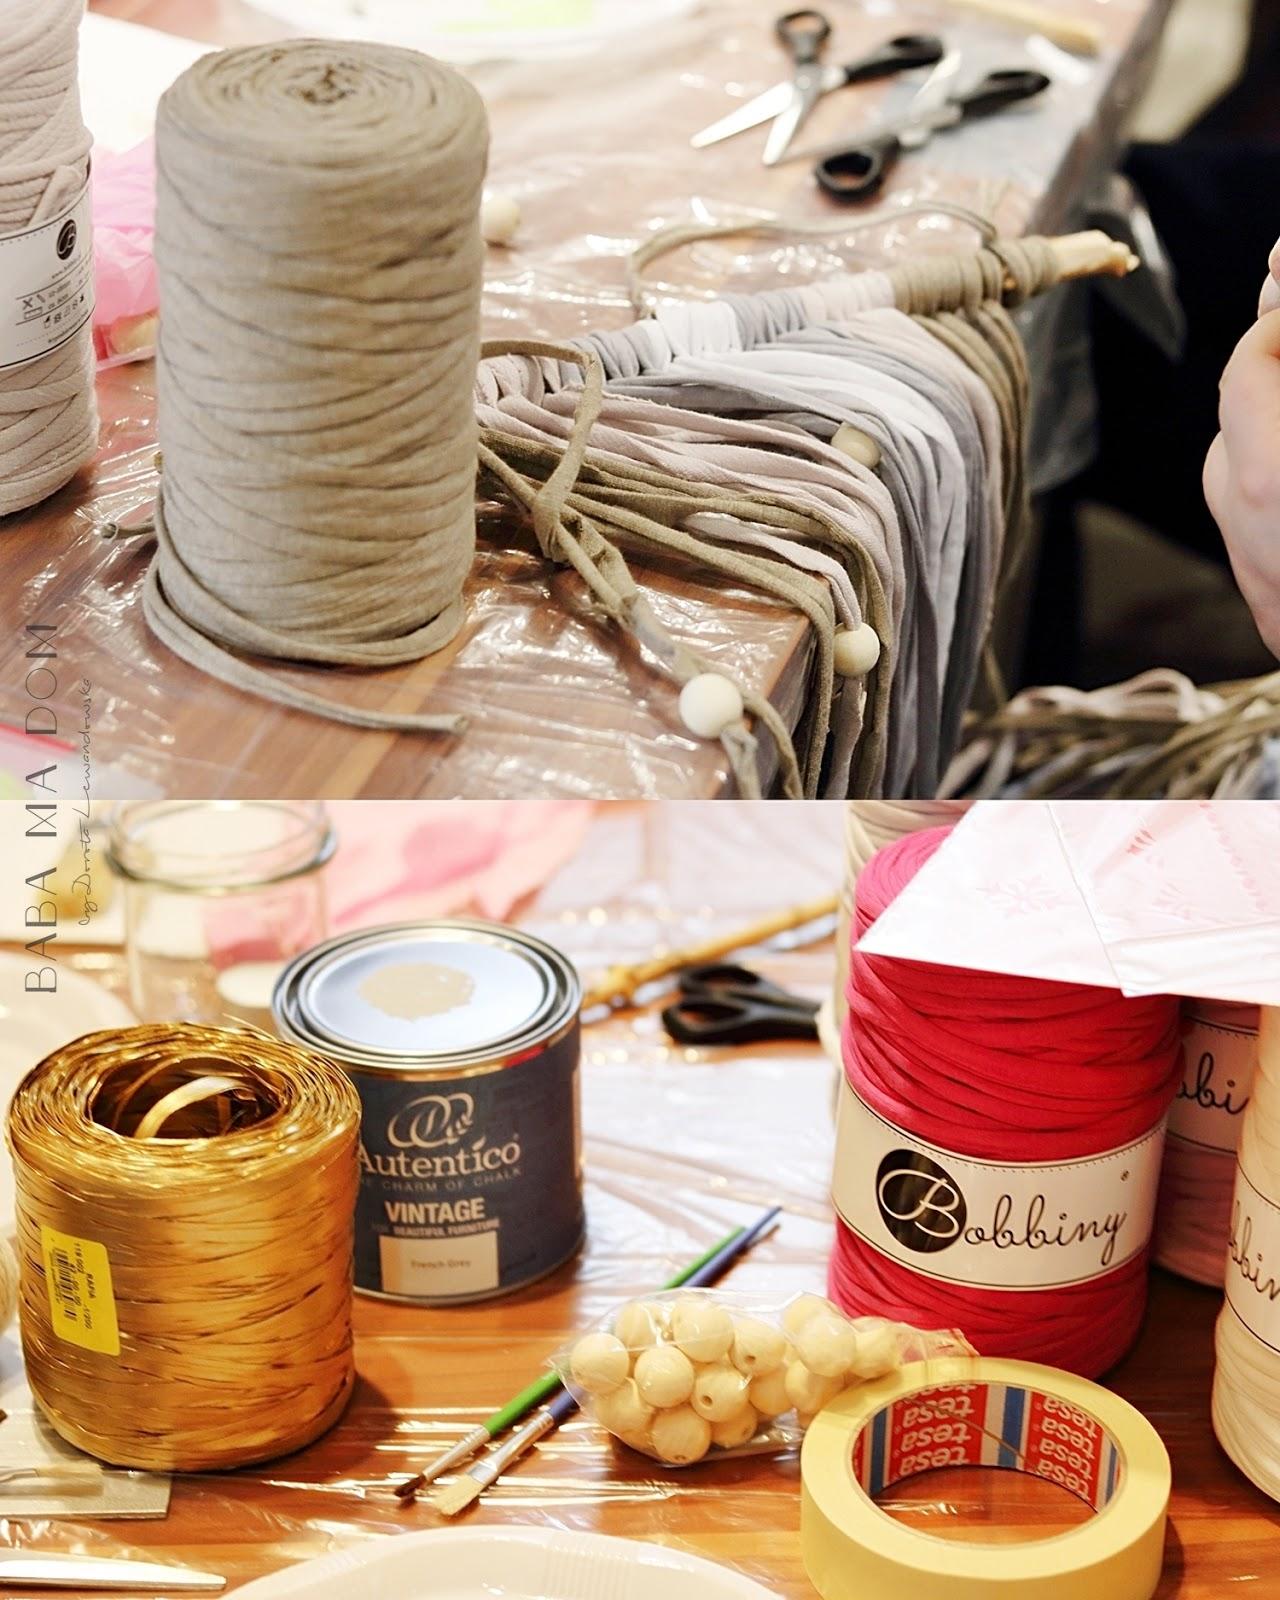 zrób to sam, DIY, doityourself, featured, warsztaty, malowanie, szablon, farba kredowa, chalk,